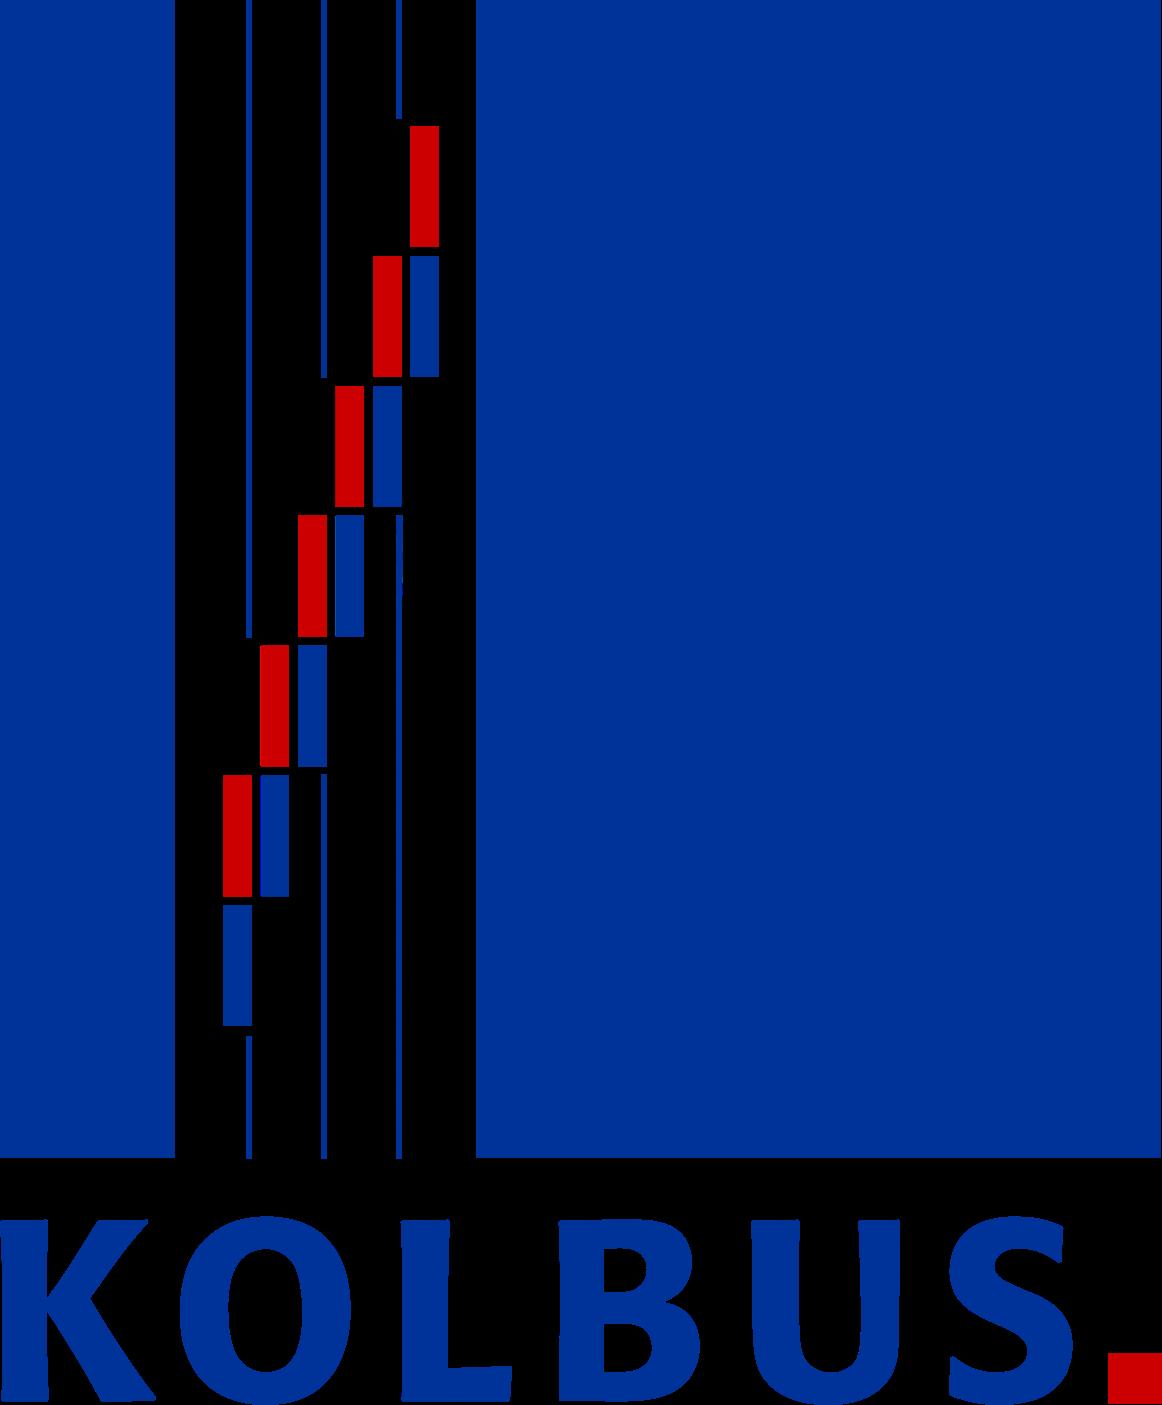 Kolbus GmbH & Co. KG